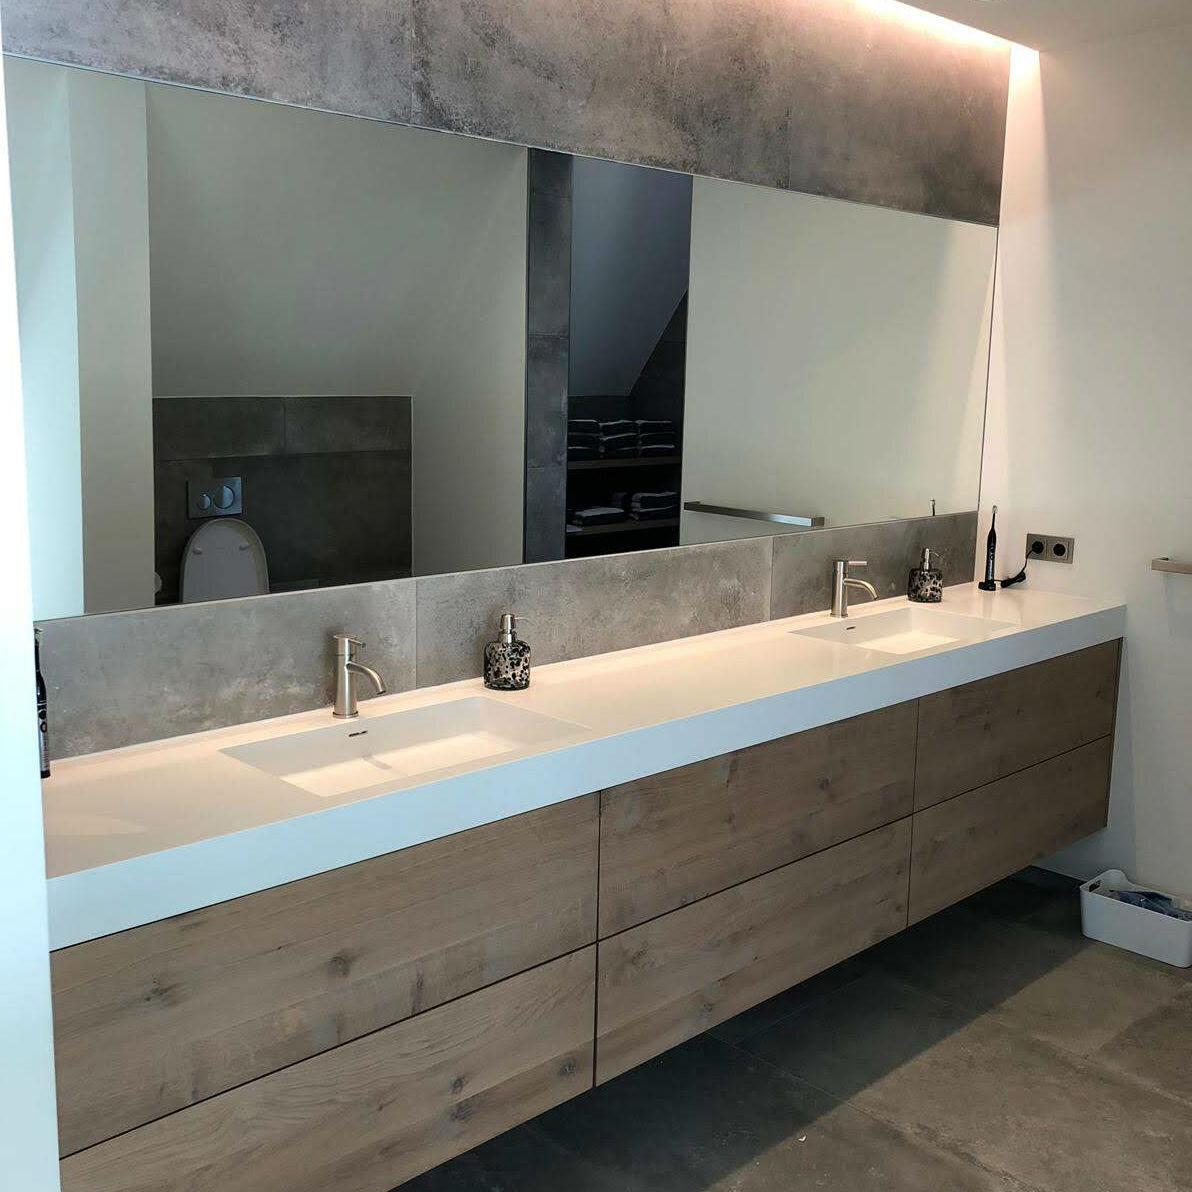 spiegel-op-maat-badkamer-2